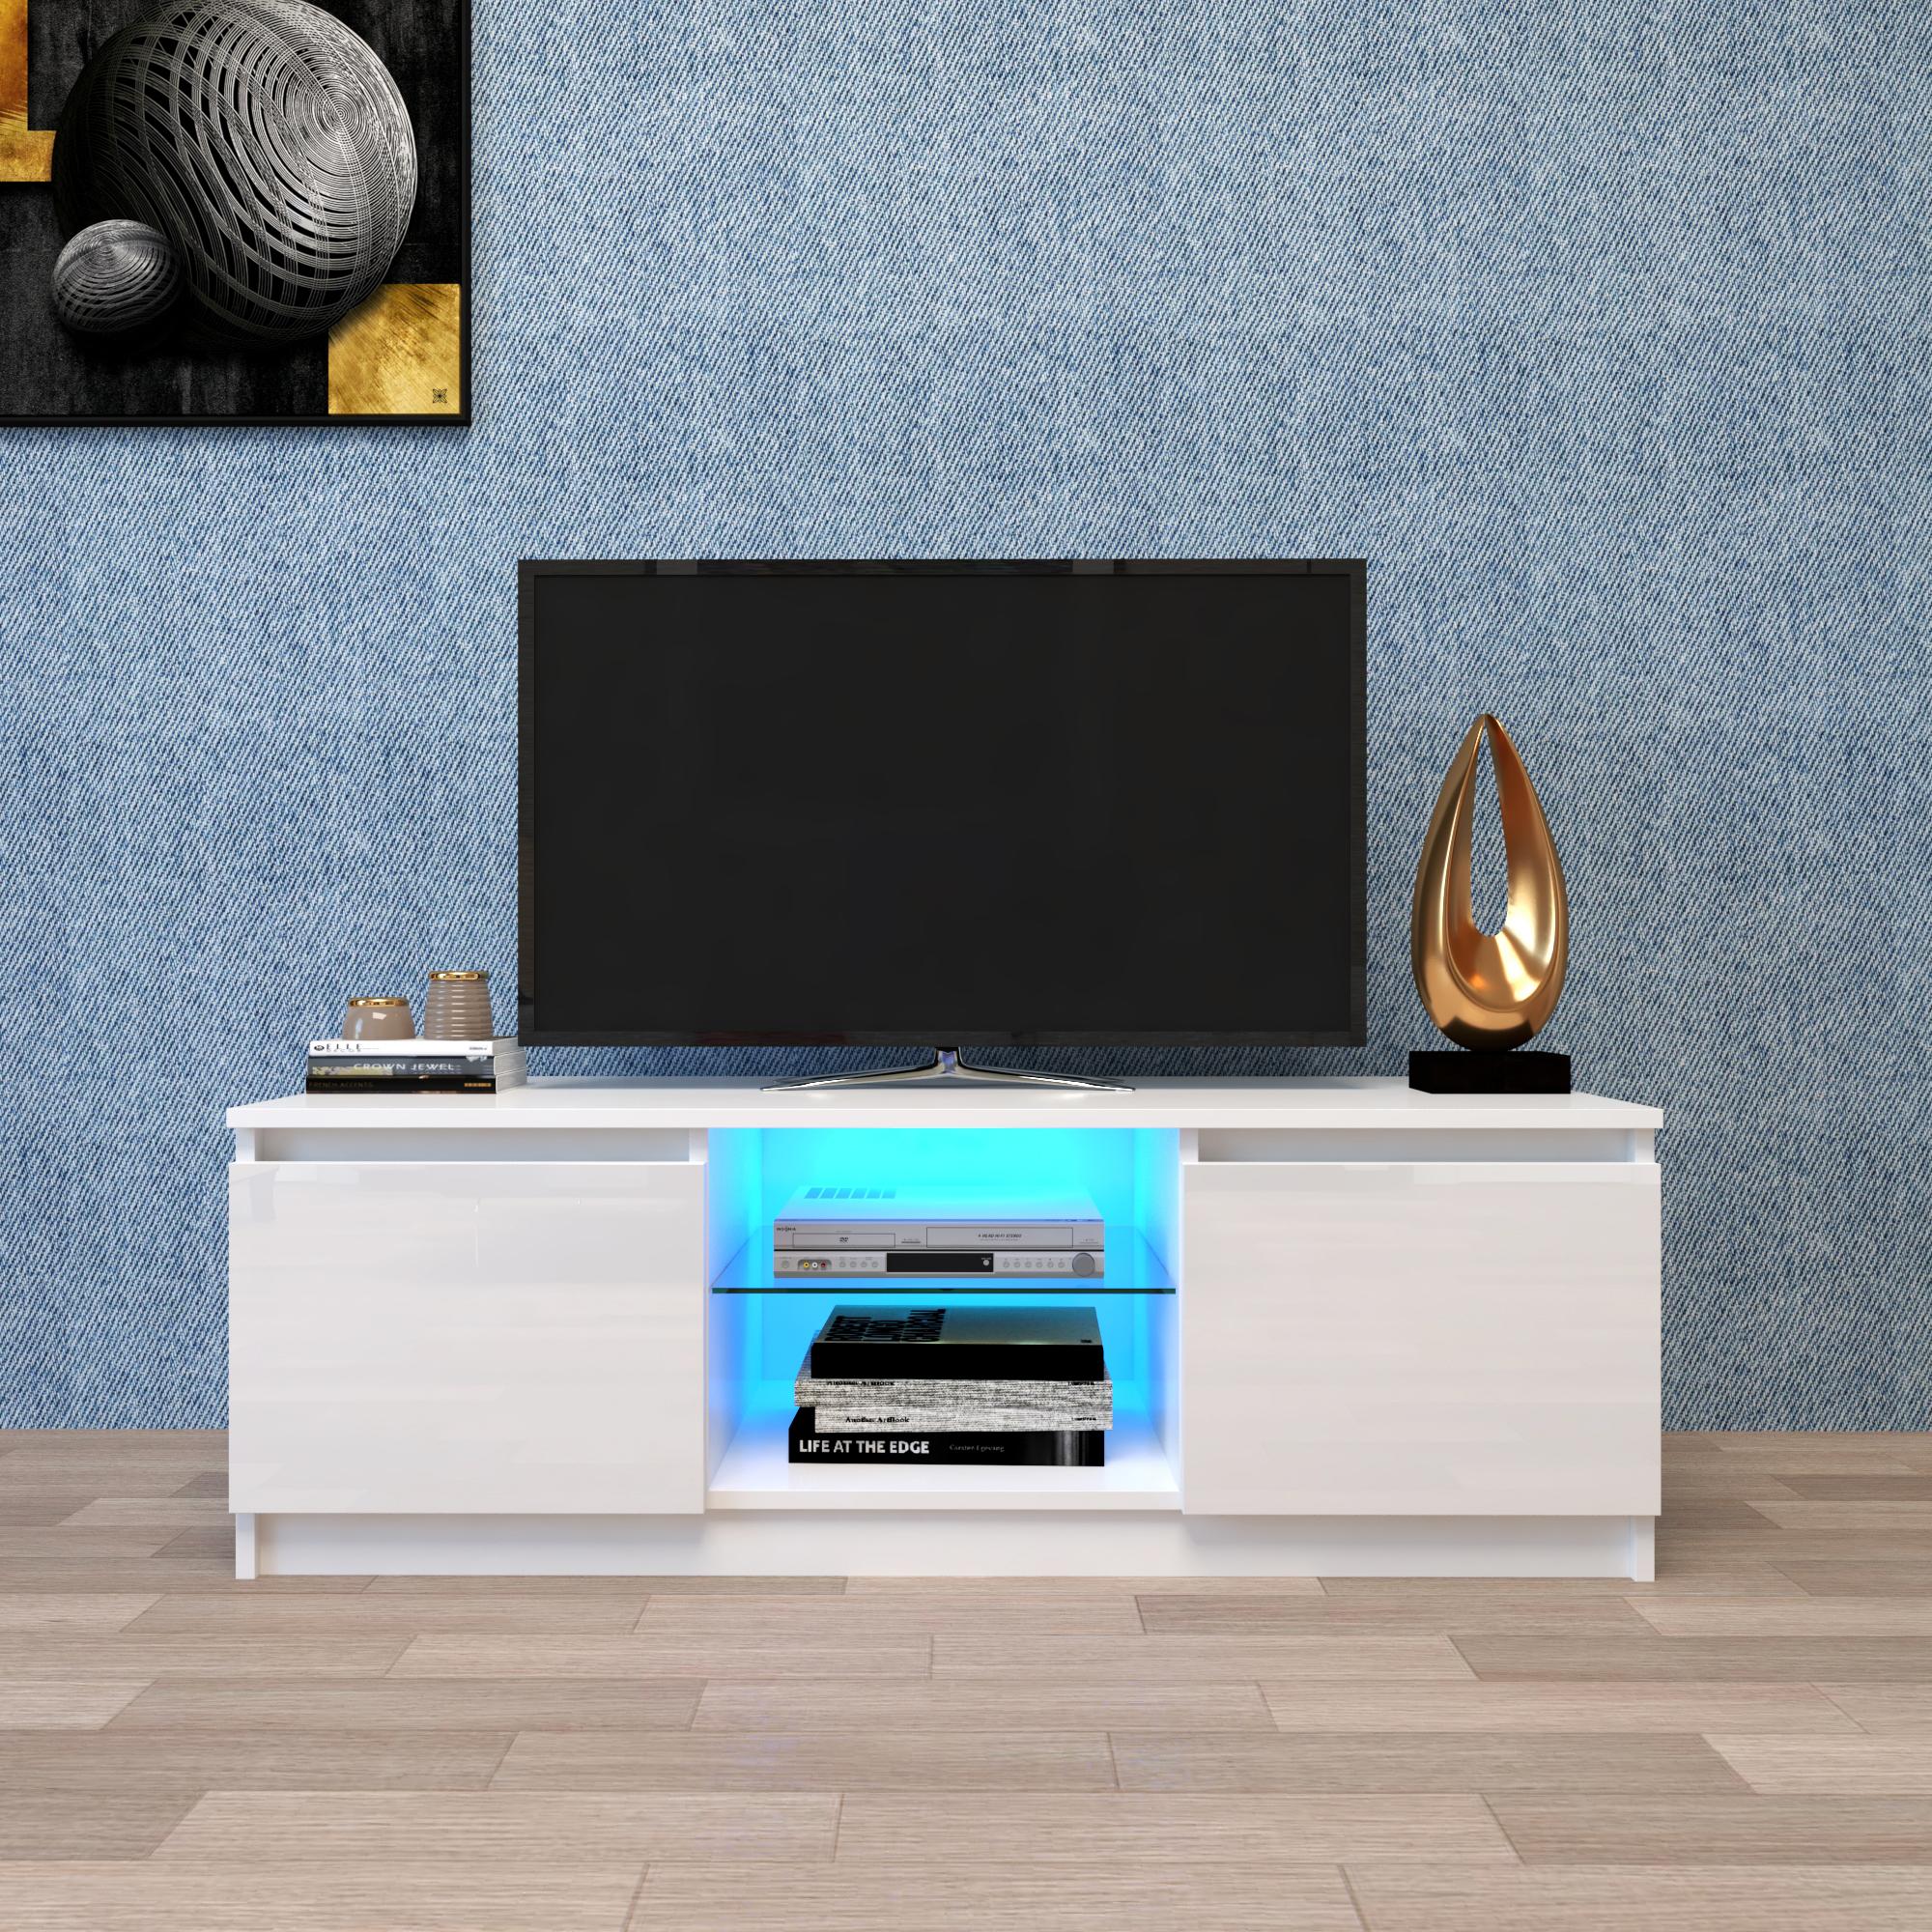 带储物抽屉的现代 LED 灯电视柜